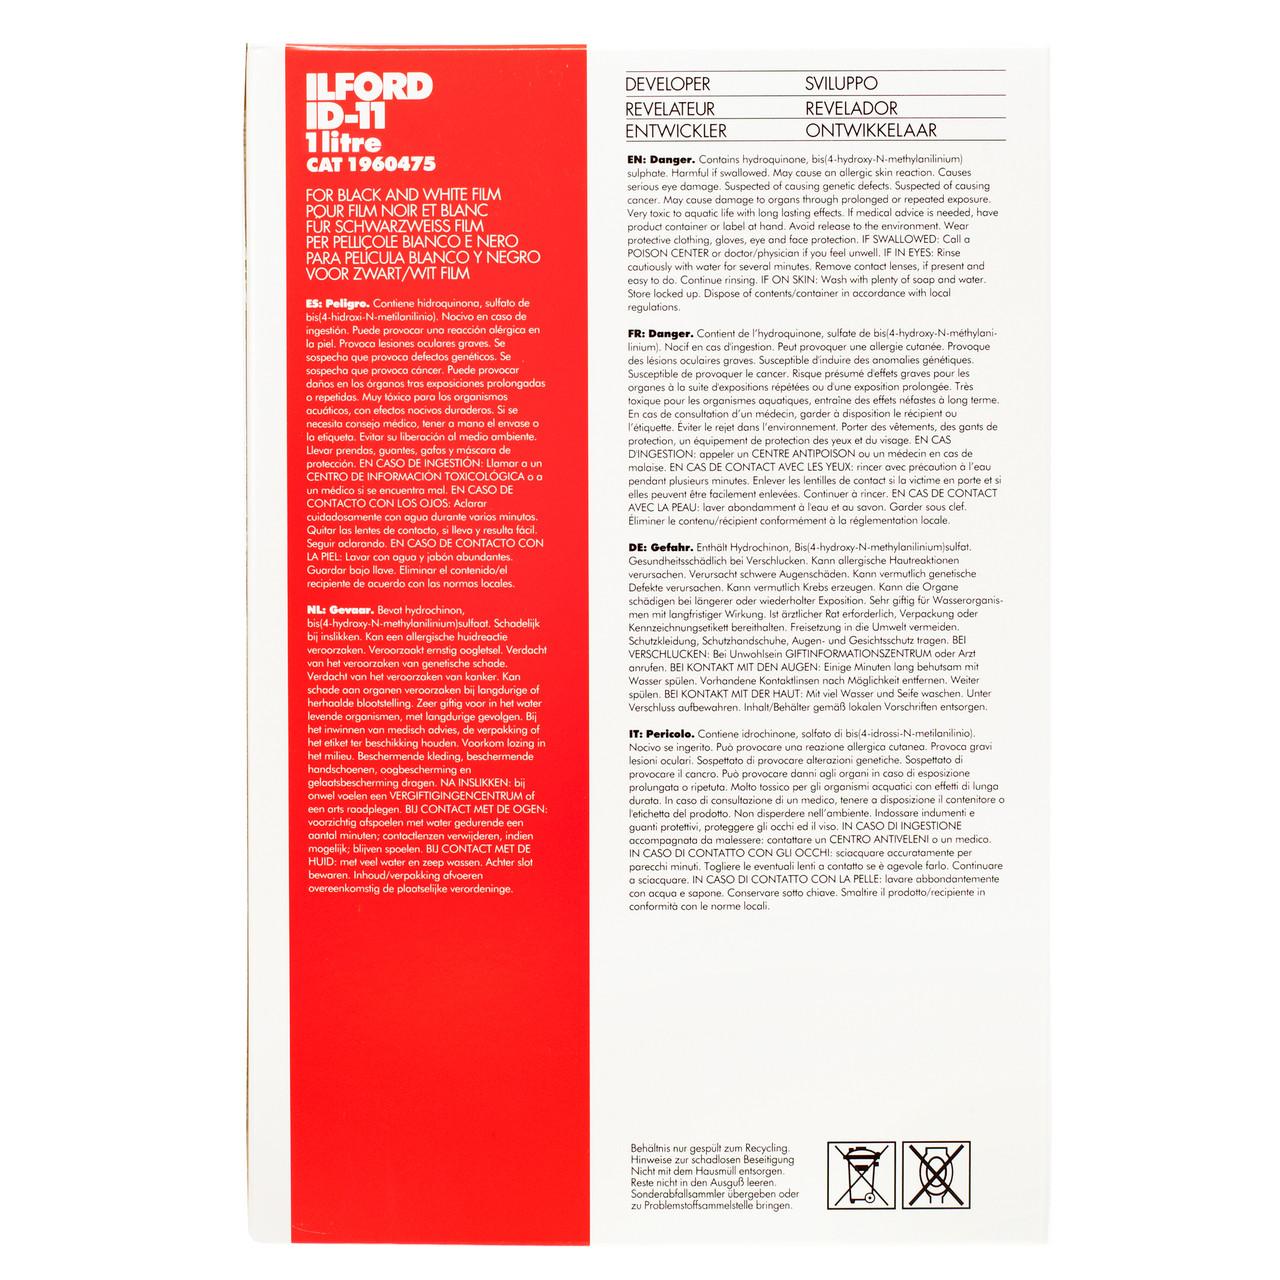 Проявитель для пленки ILFORD ID 11 - 5L.